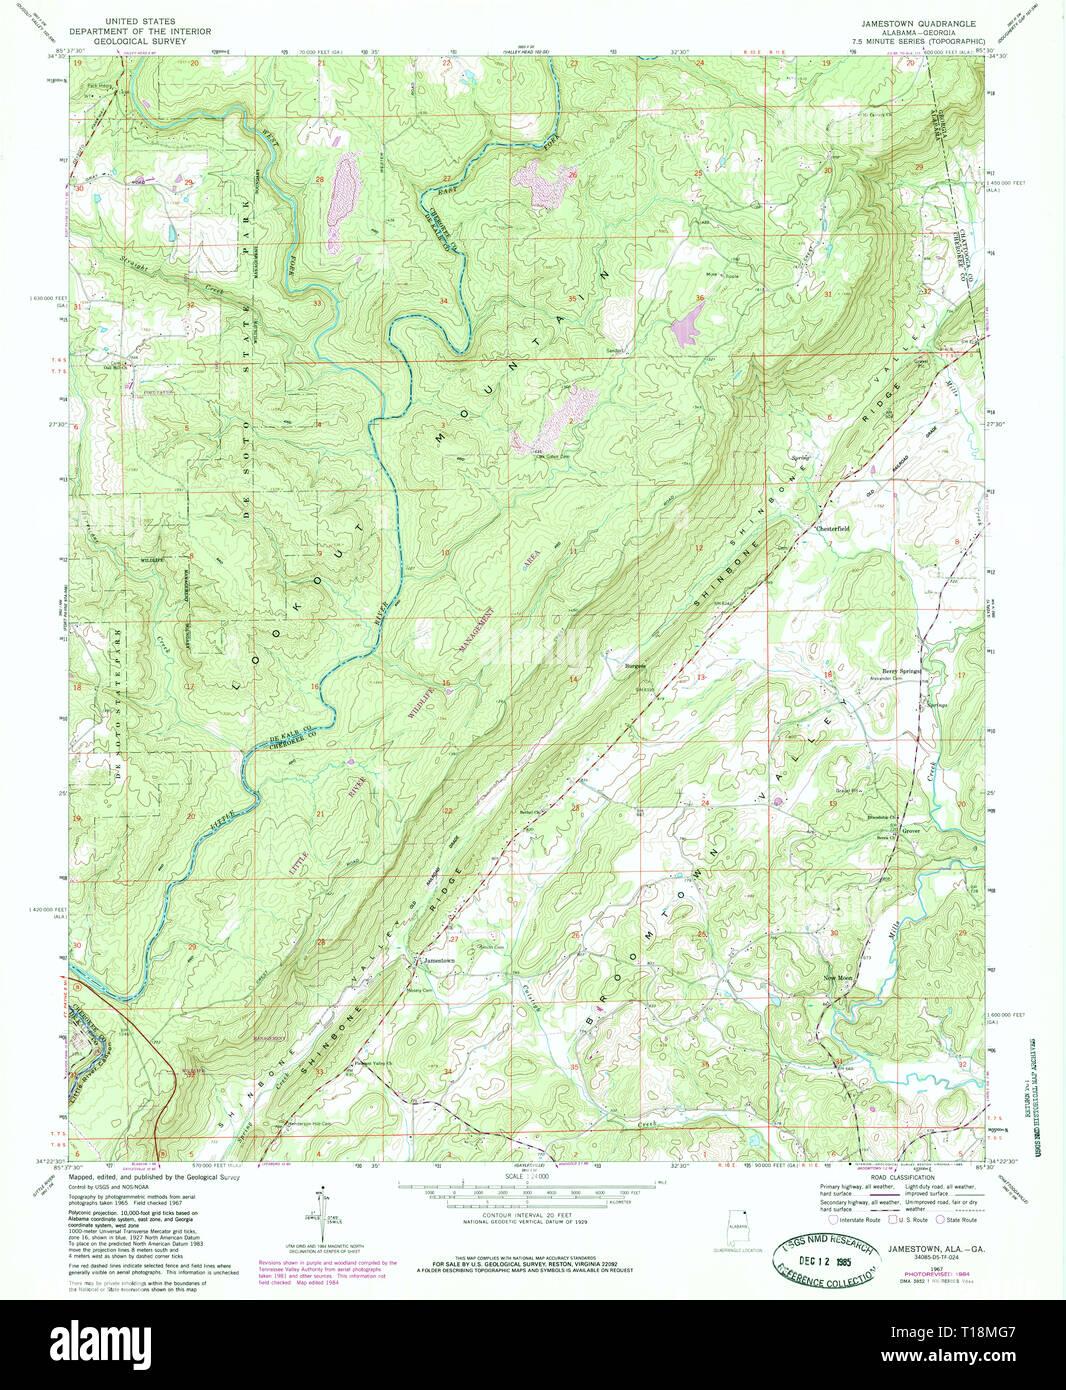 Jamestown Map Stock Photos & Jamestown Map Stock Images - Alamy